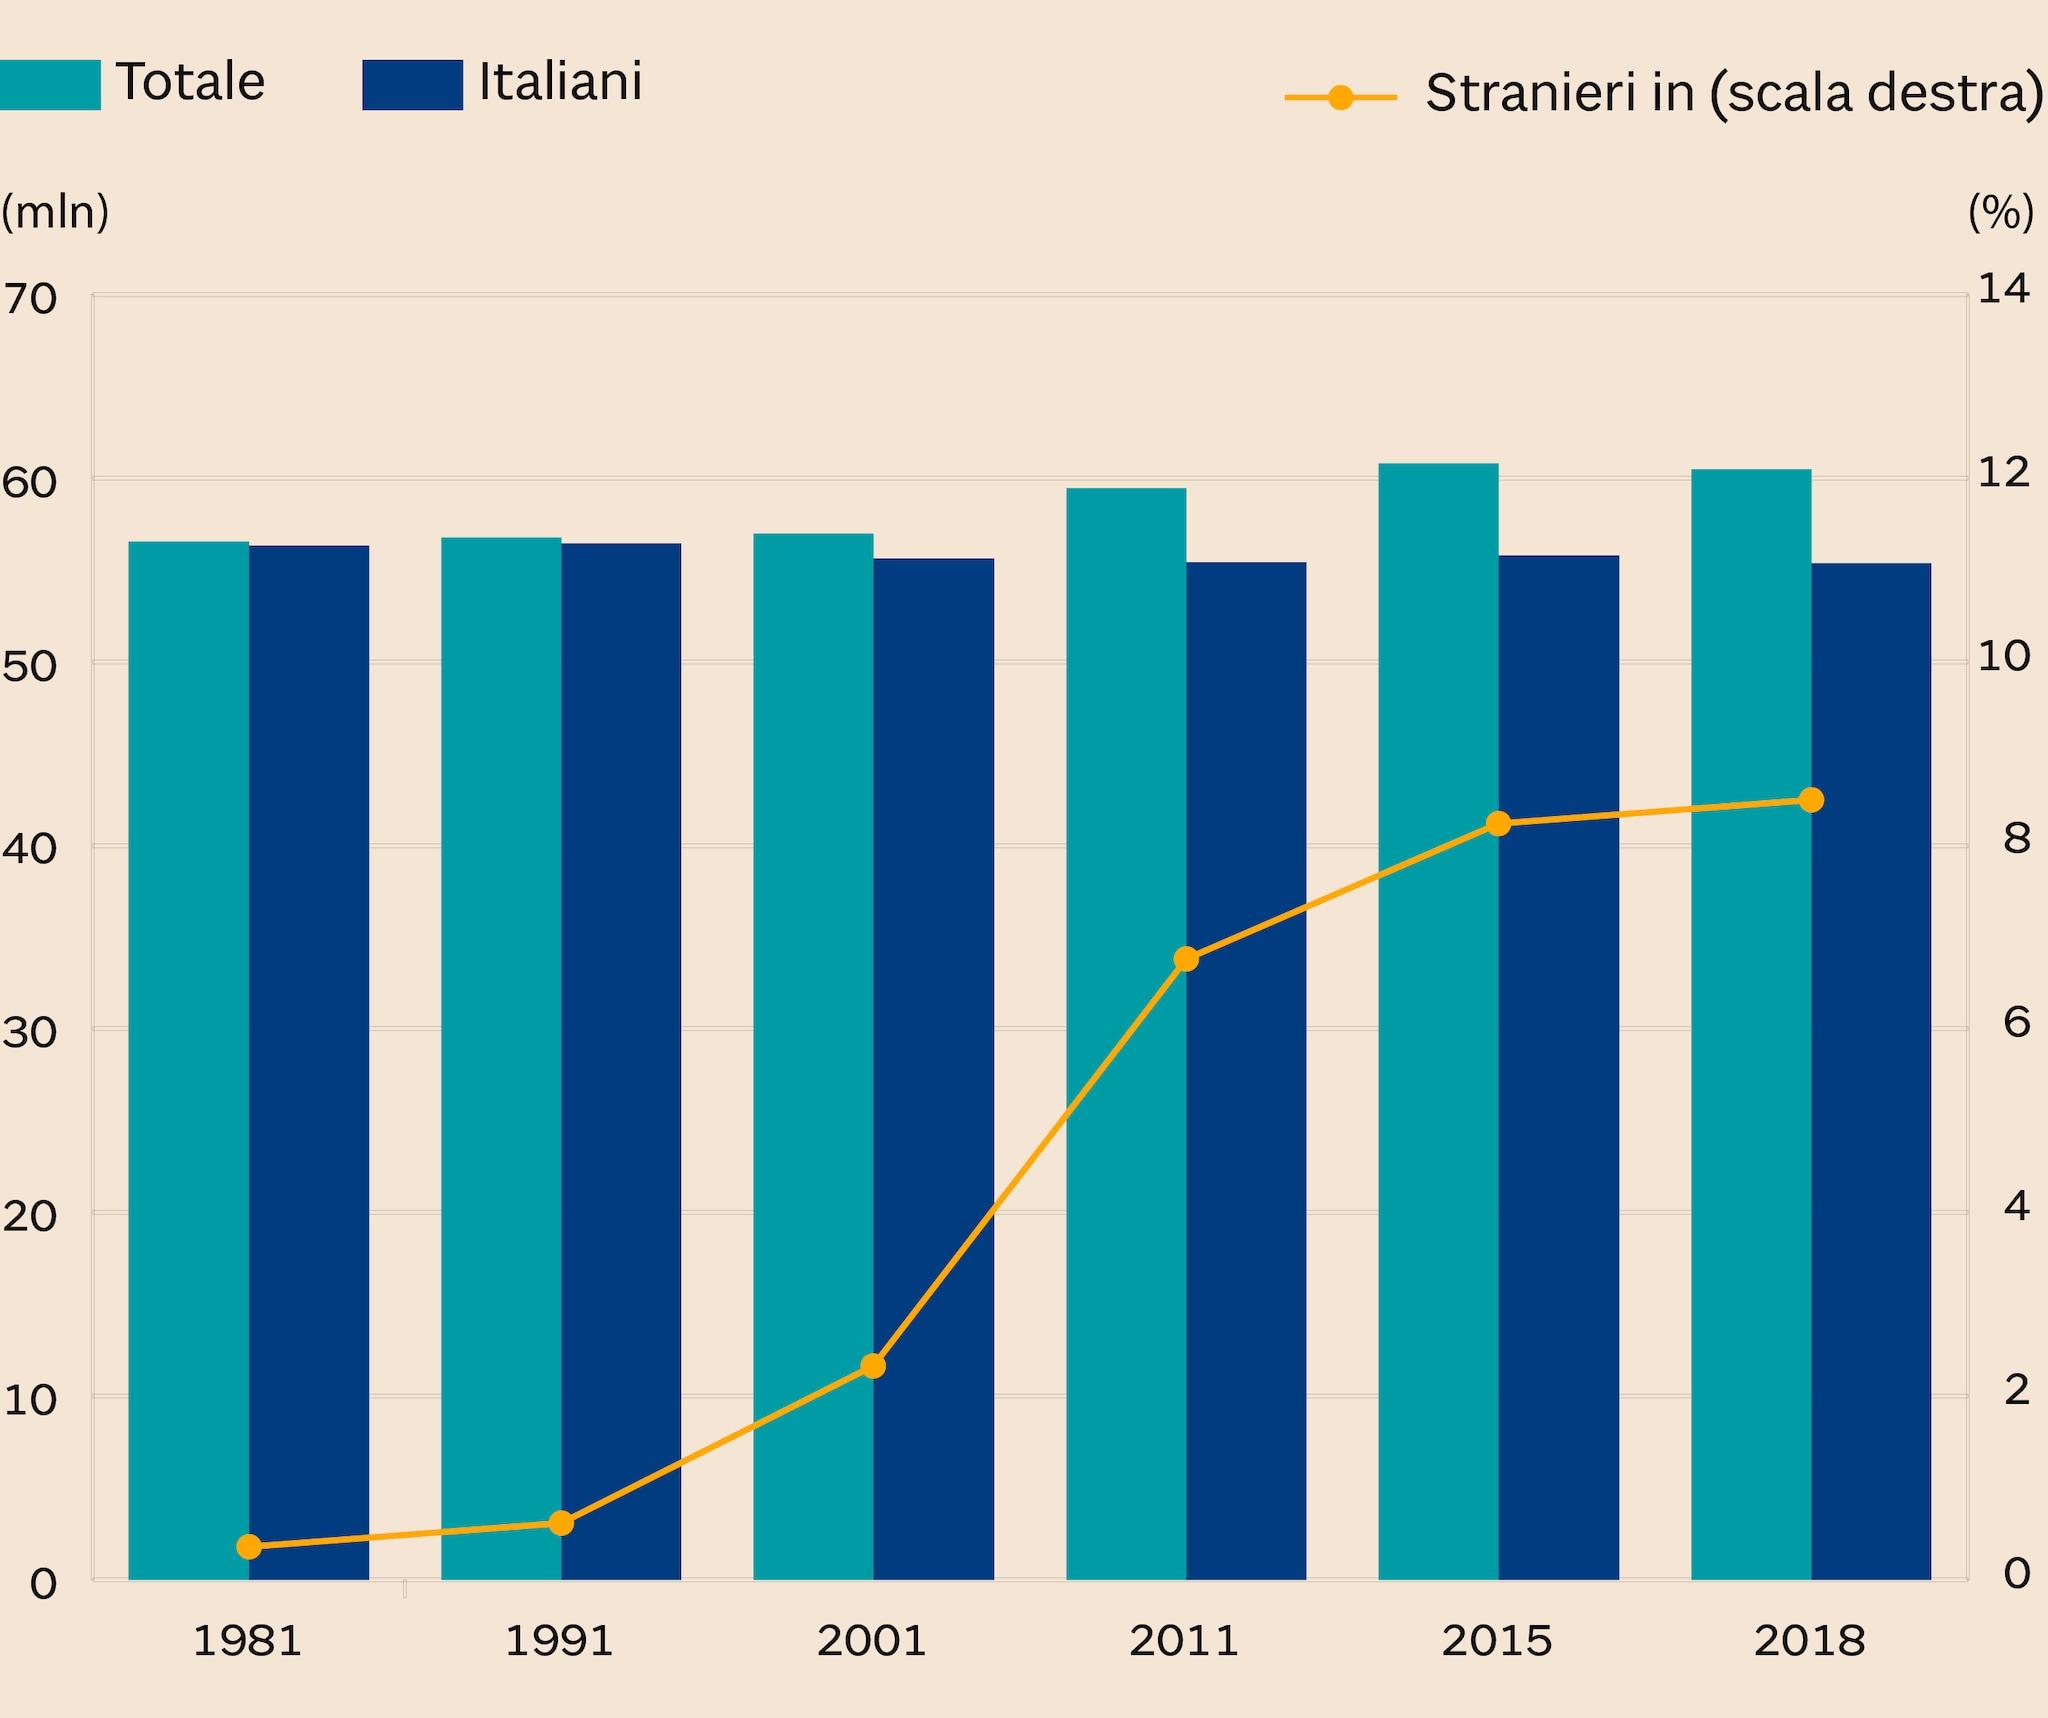 POPOLAZIONE RESIDENTE ITALIANA E INCIDENZA STRANIERI (valori in milioni e percentuali)